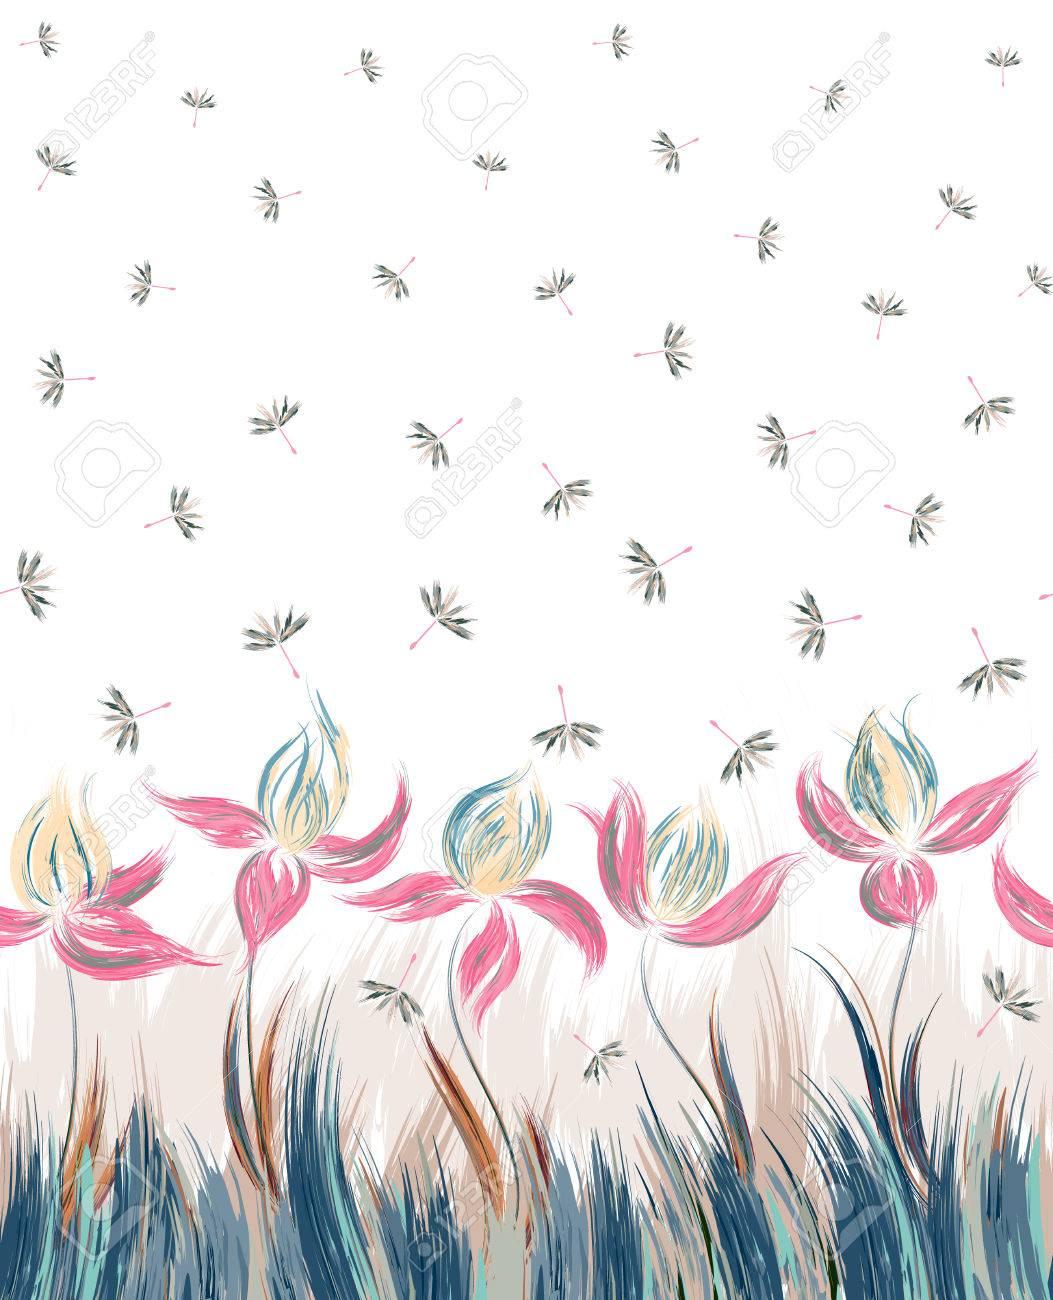 アイリスとタンポポの種の垂直花柄シームレス パターン。花の飾りの創造